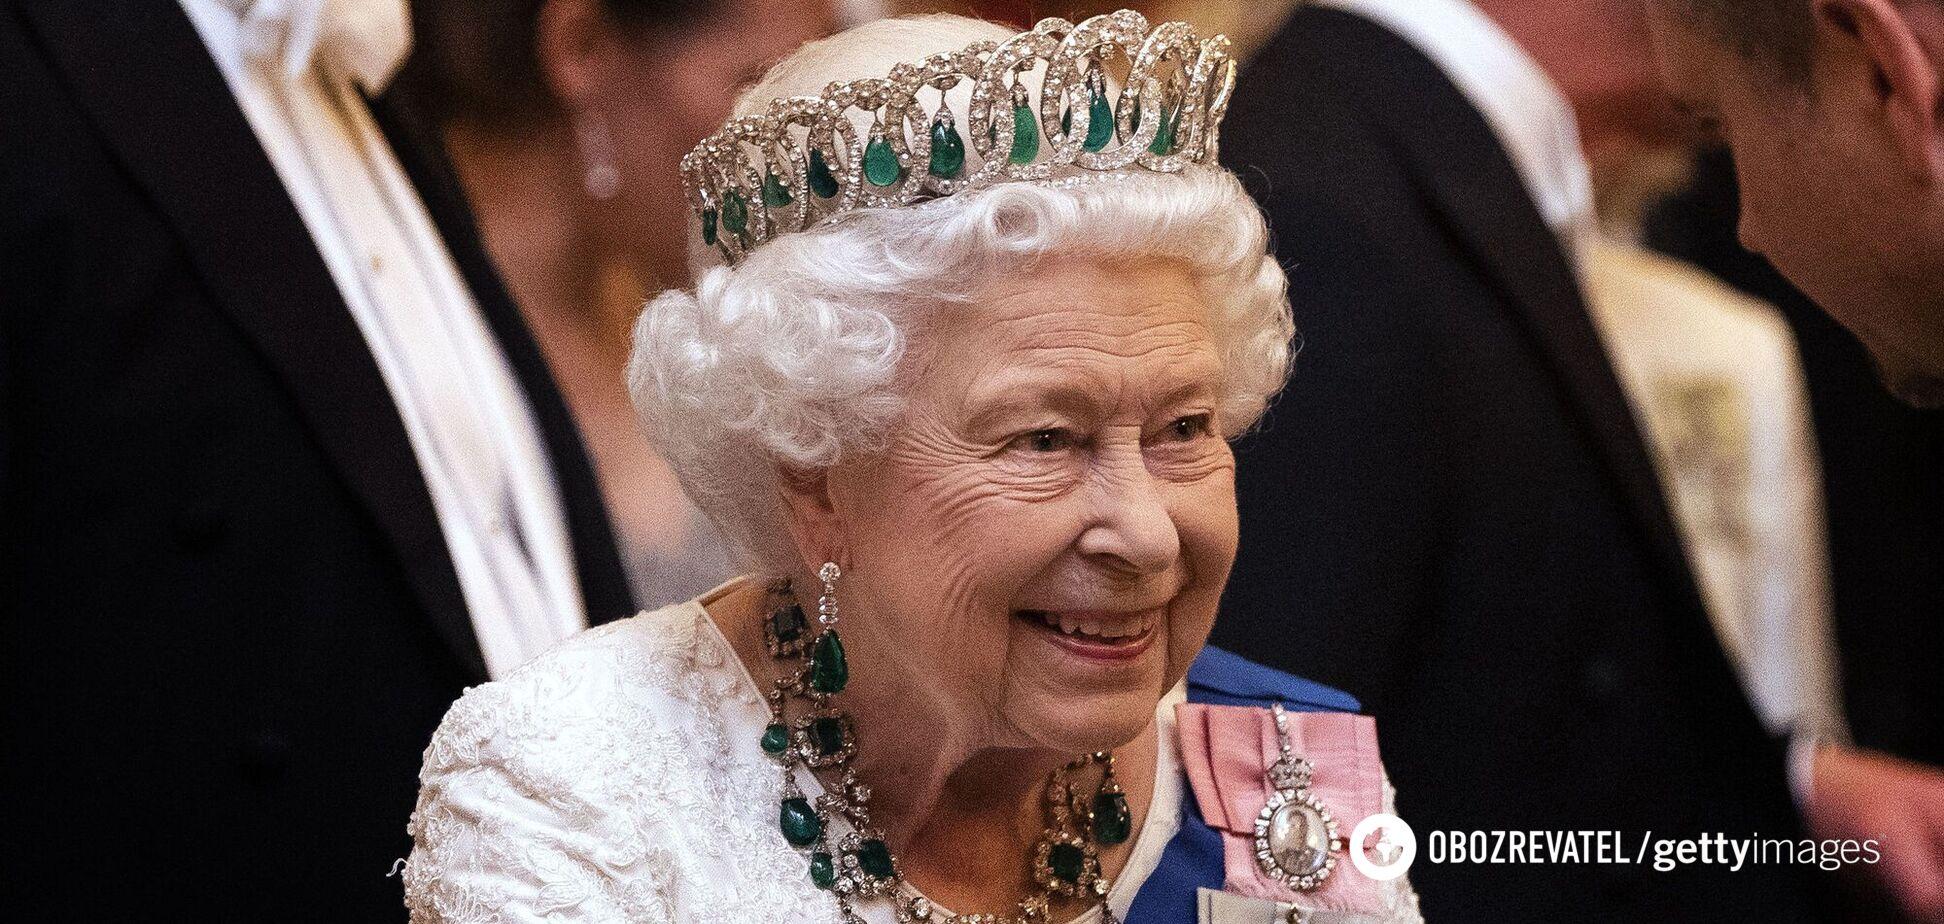 Єлизавета II вперше вийшла у світ після смерті принца Філіпа. Фото